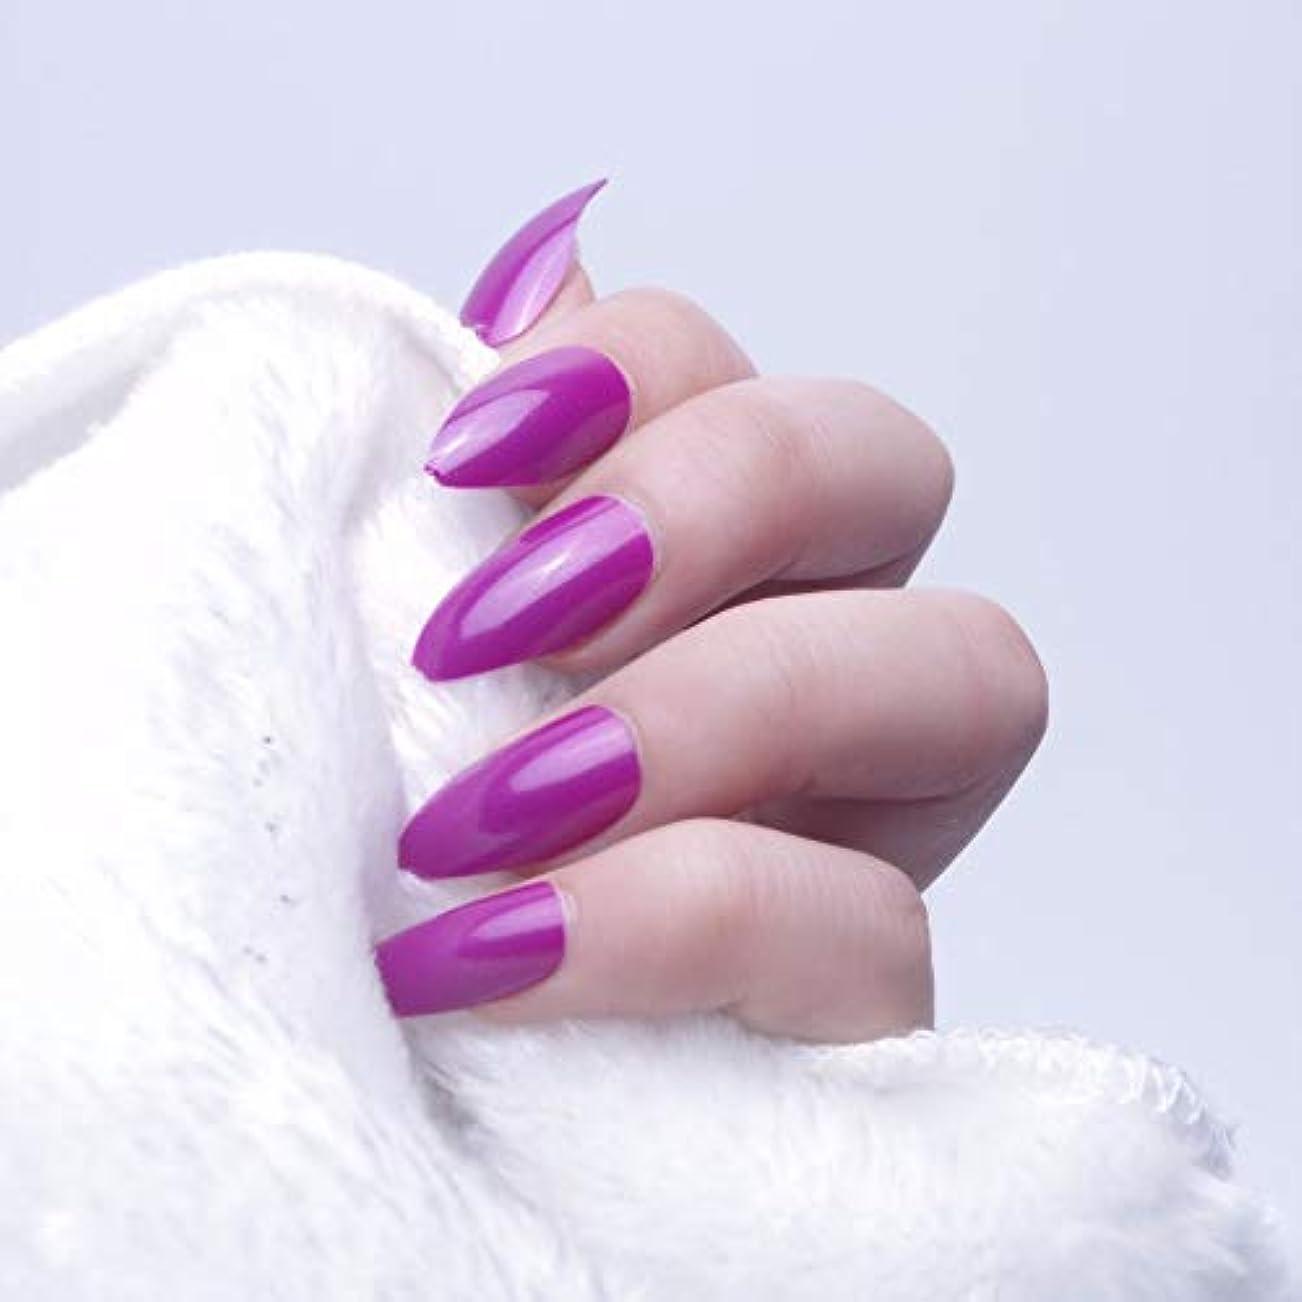 一密輸うれしいXUTXZKA 24ピースオーバルスティレット偽の爪のヒントフルカバー偽爪ステッカープレスネイル